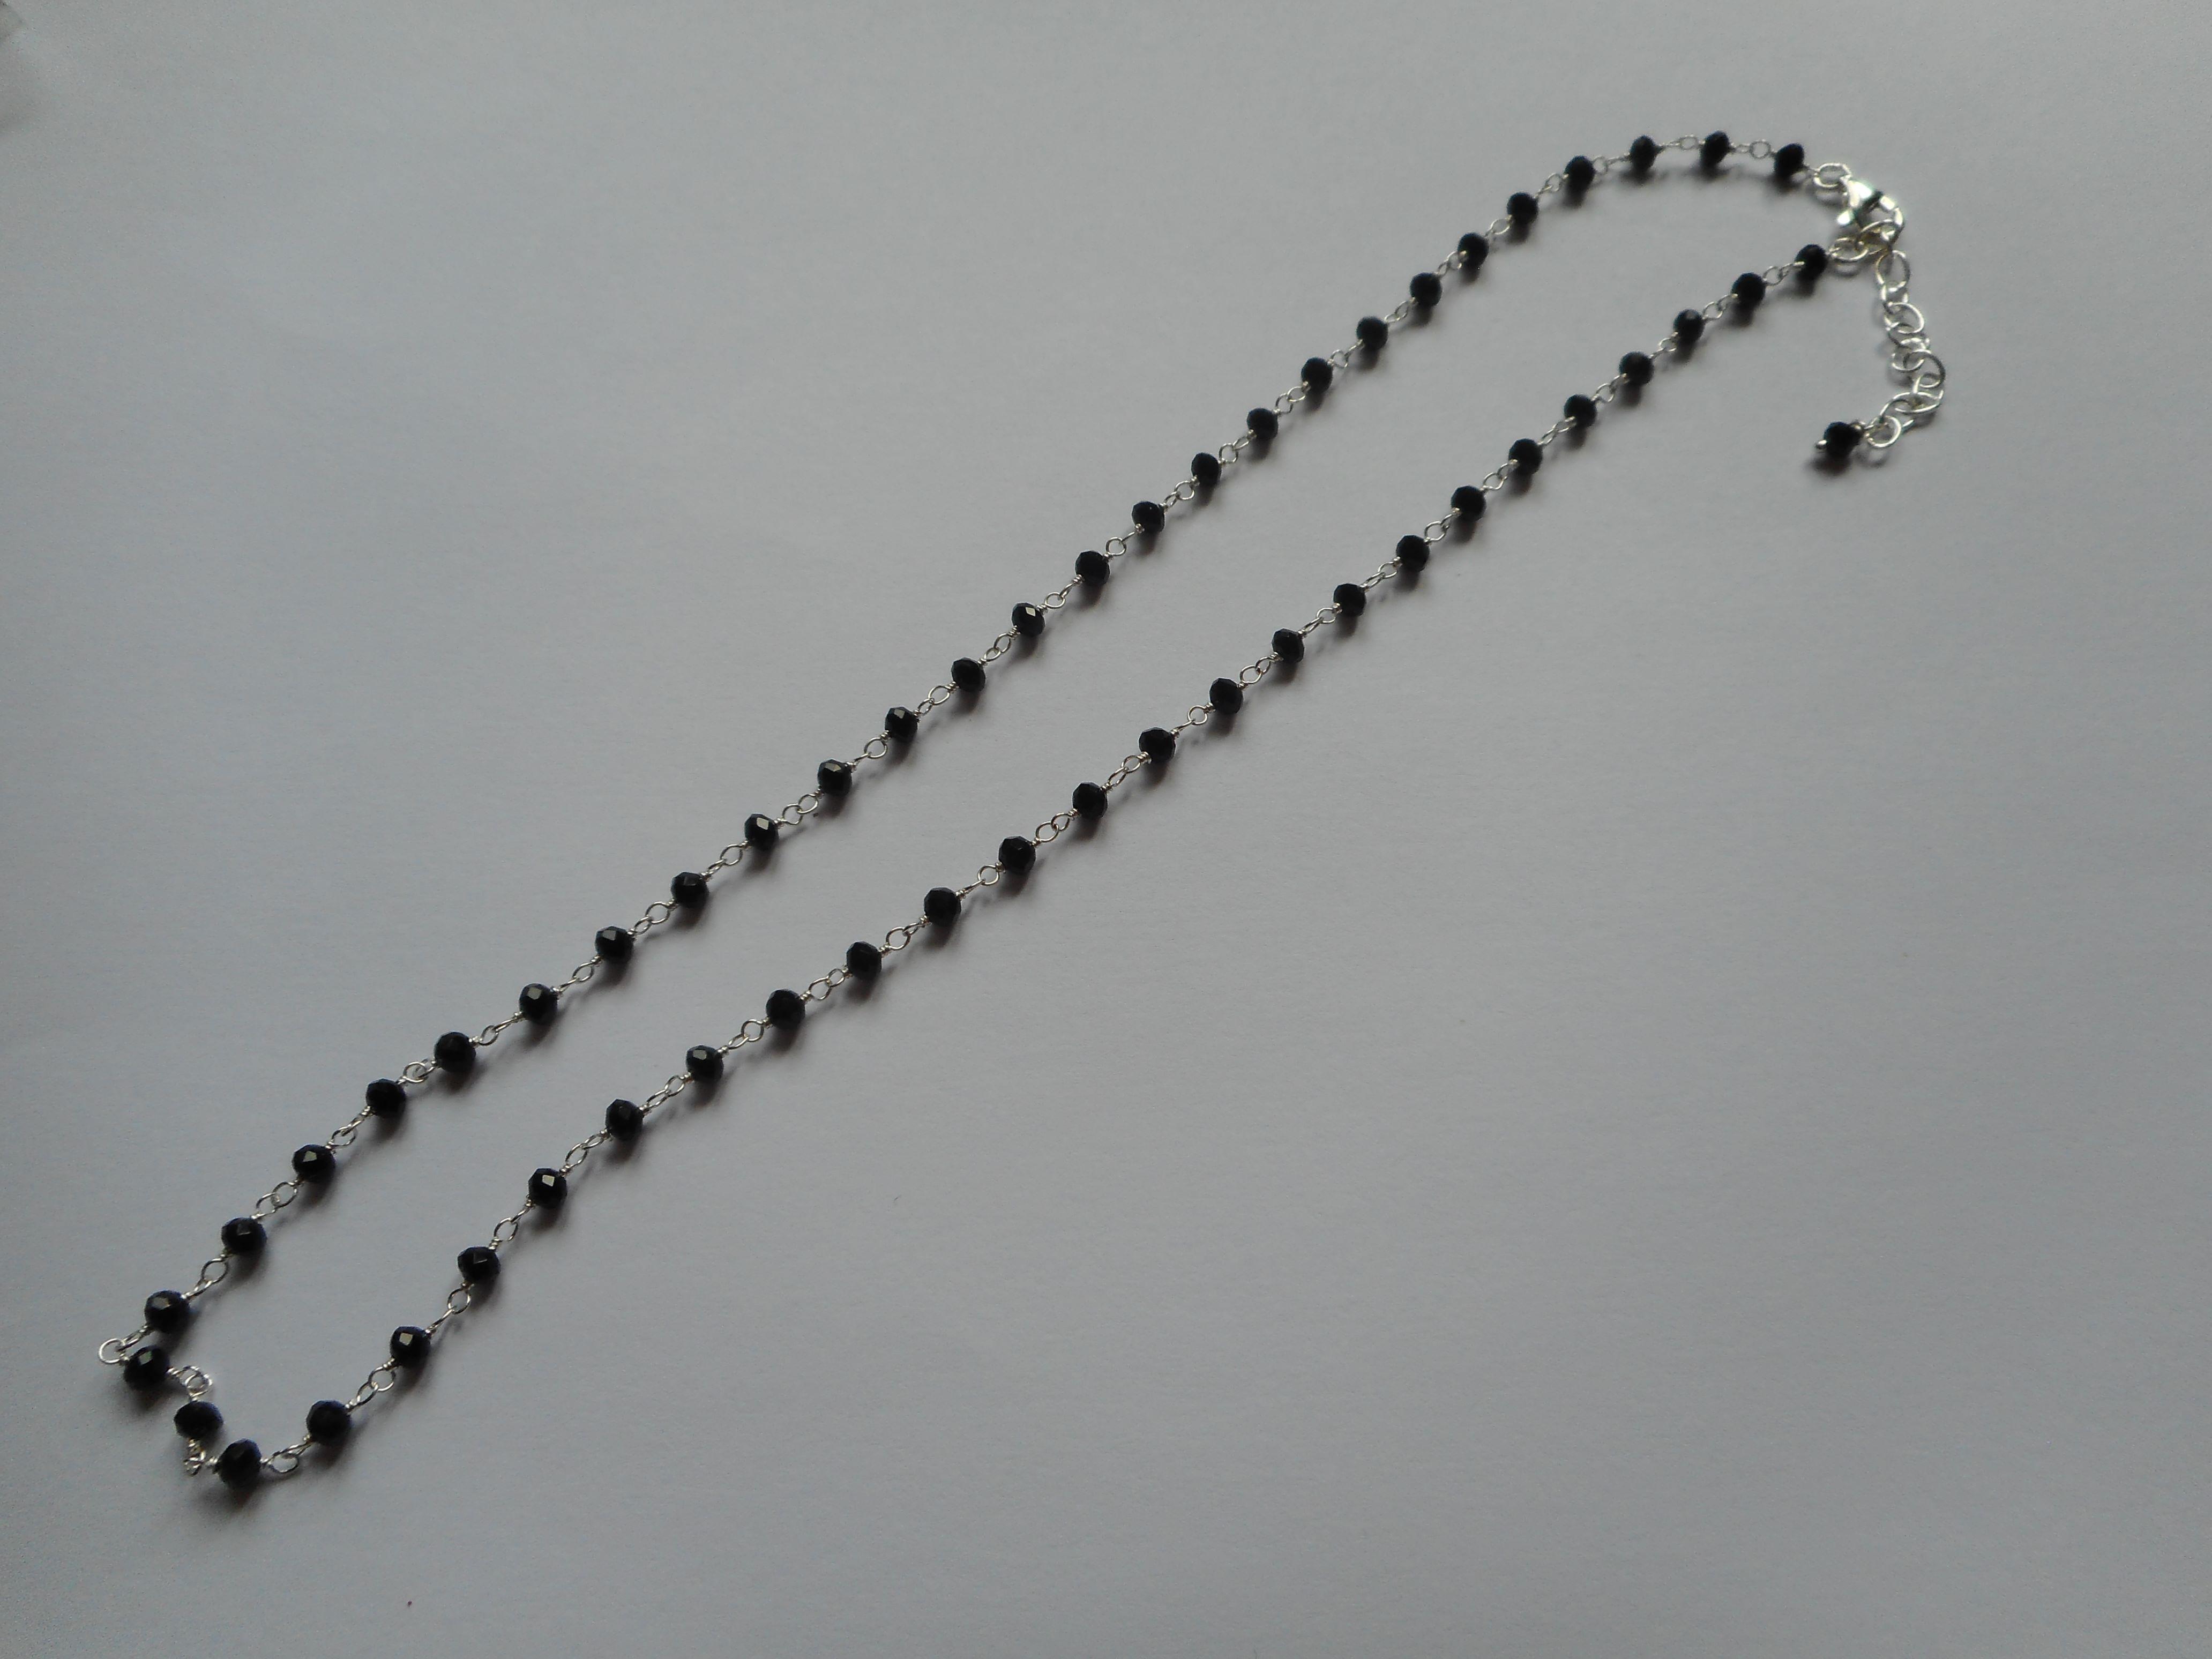 collier en argent noir